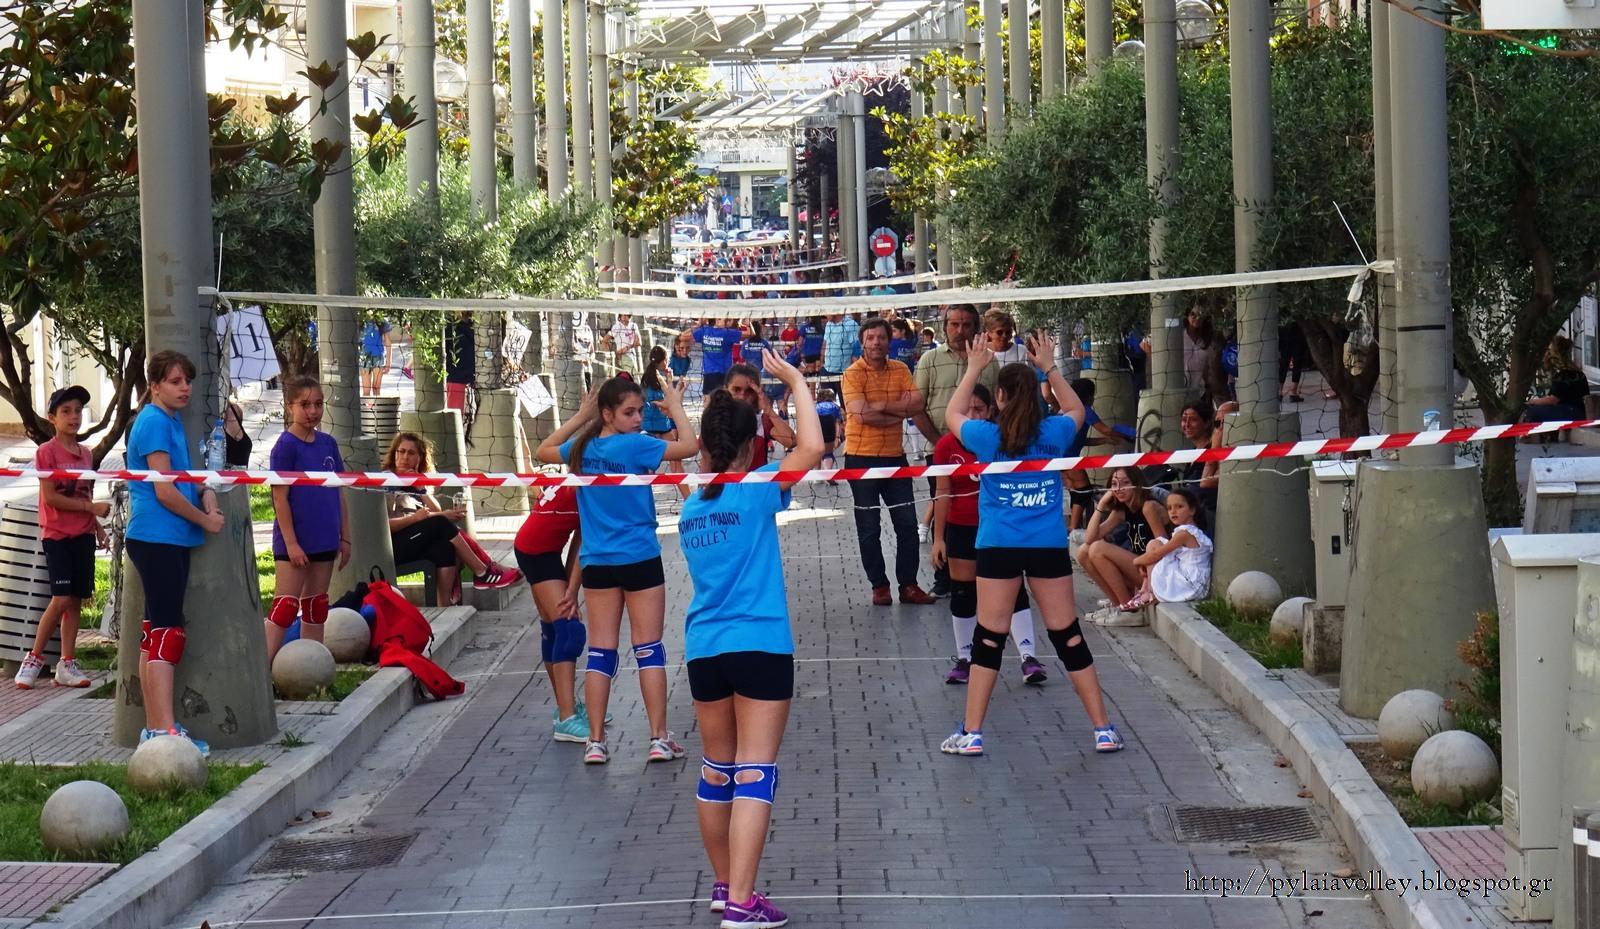 Αποτέλεσμα εικόνας για Tournament street volley